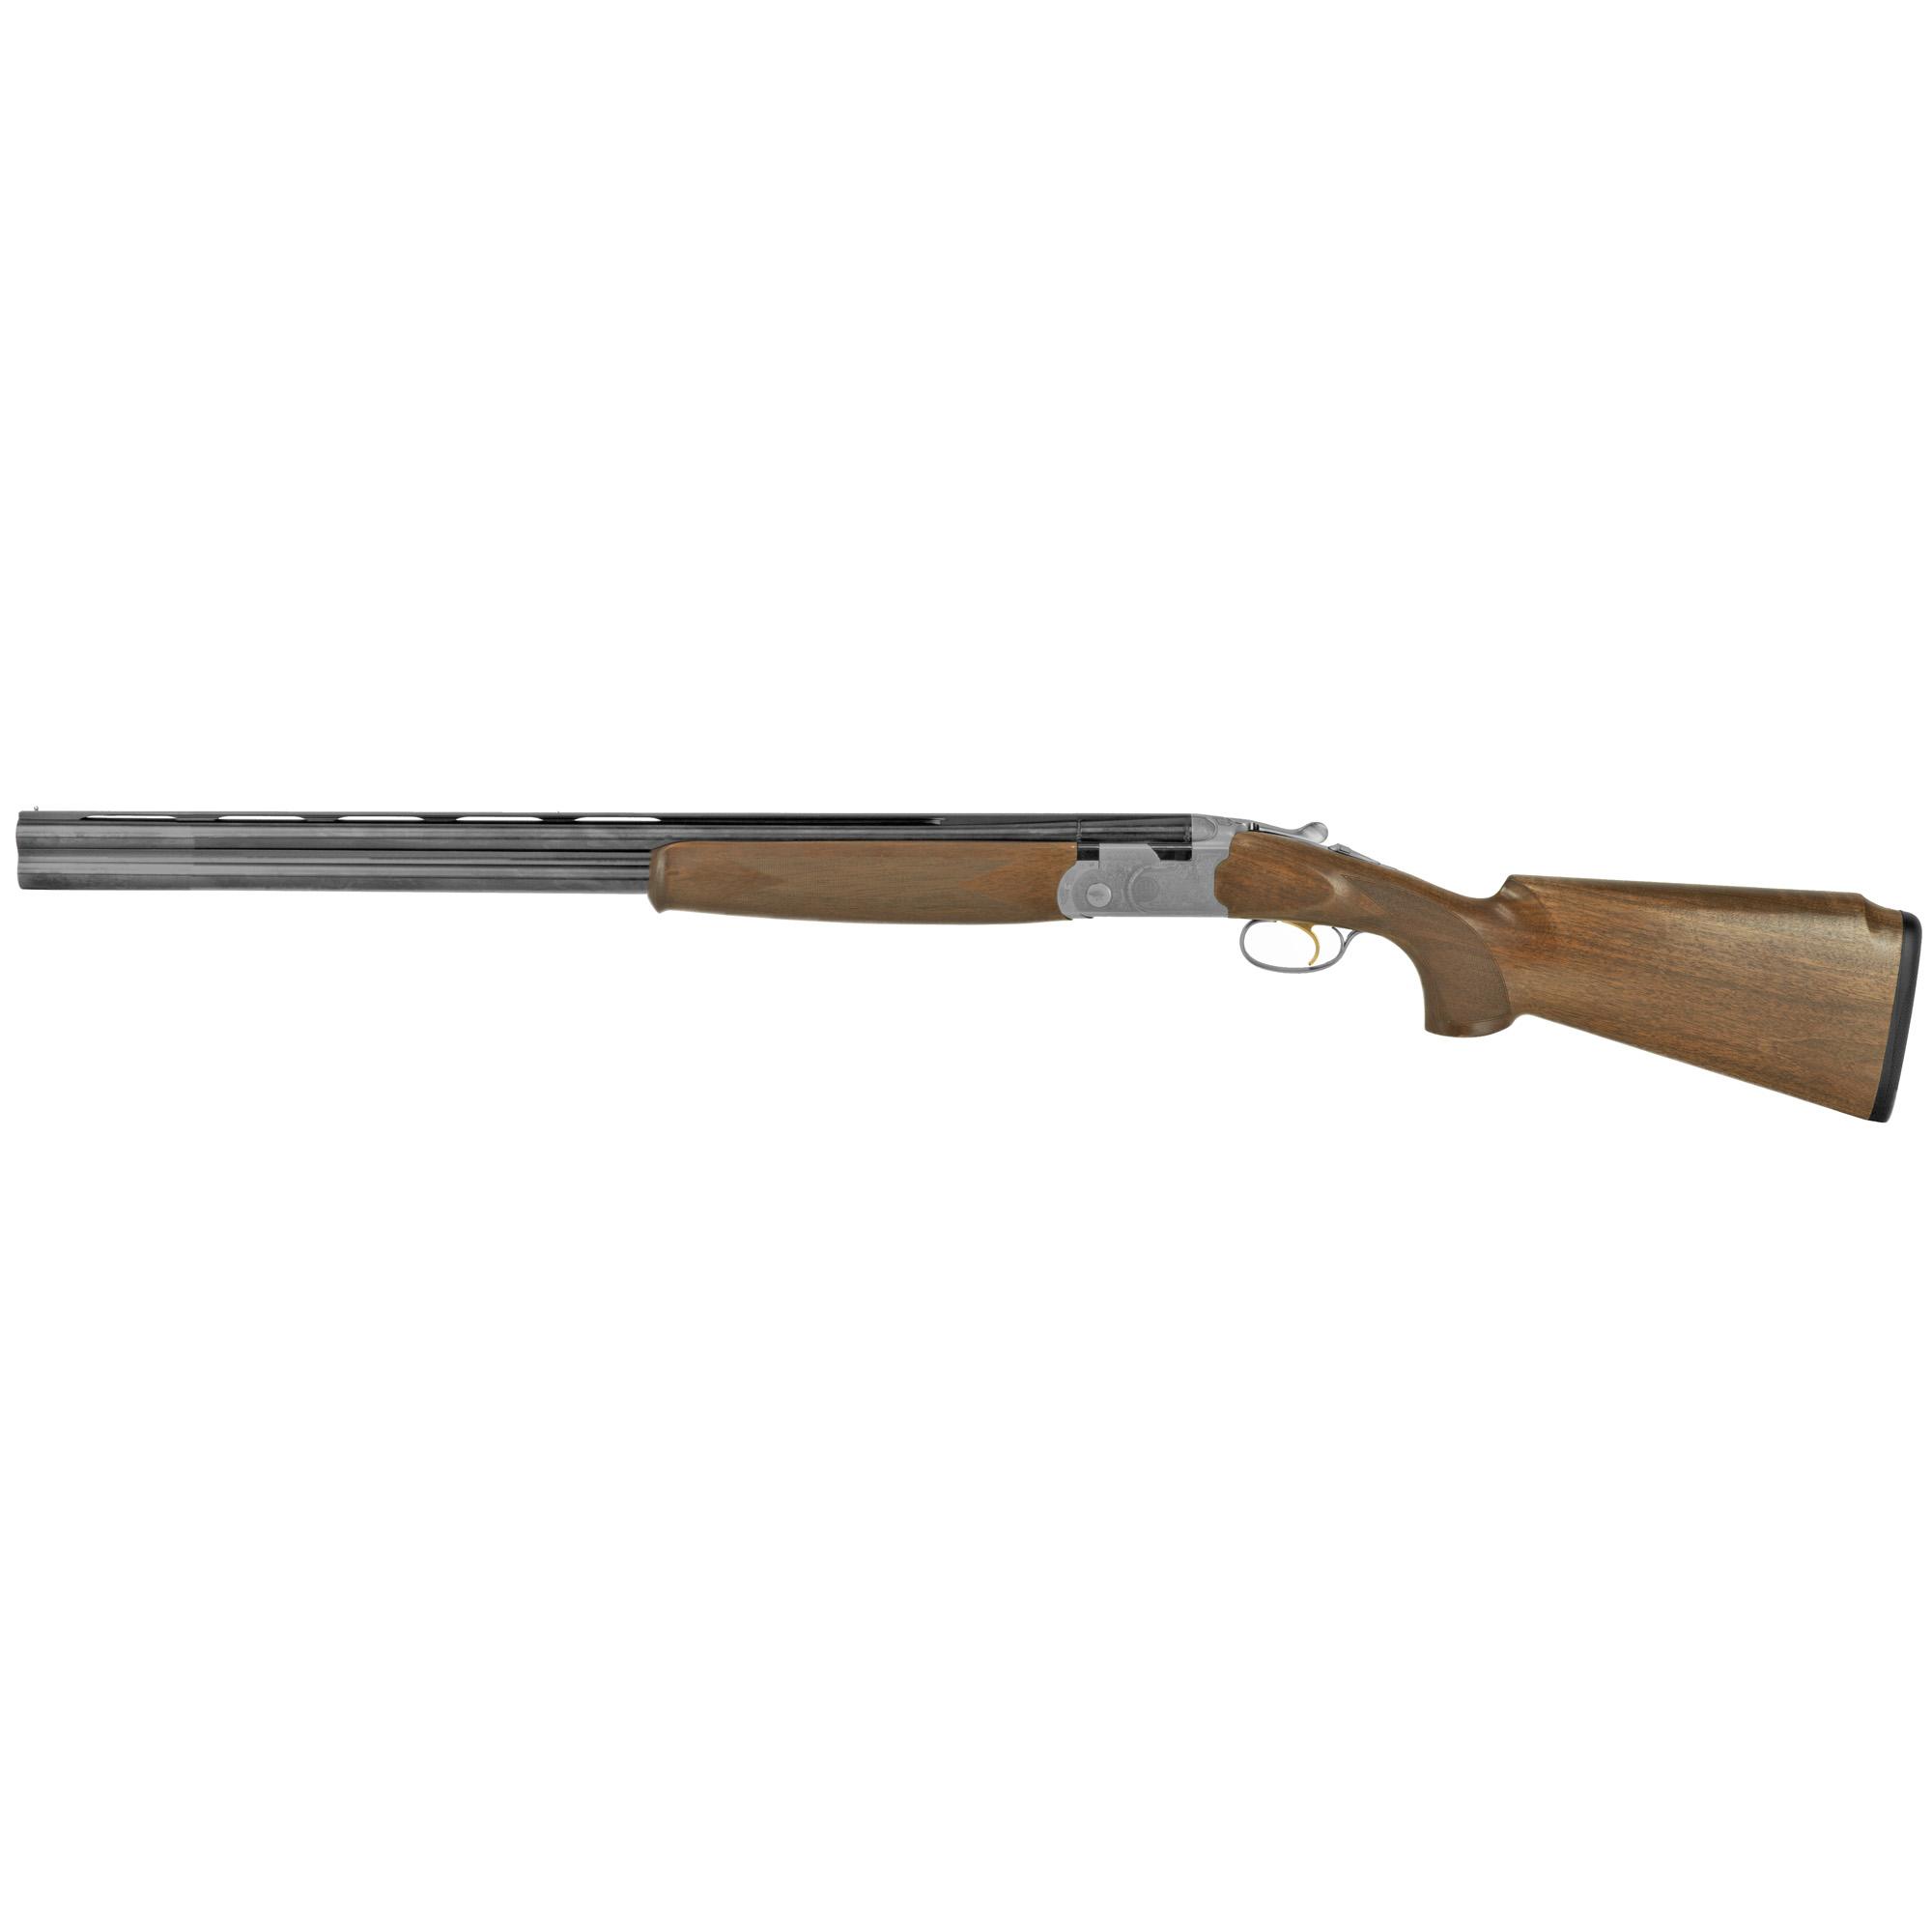 Beretta 686 Sp Vittoria Spt 12/28